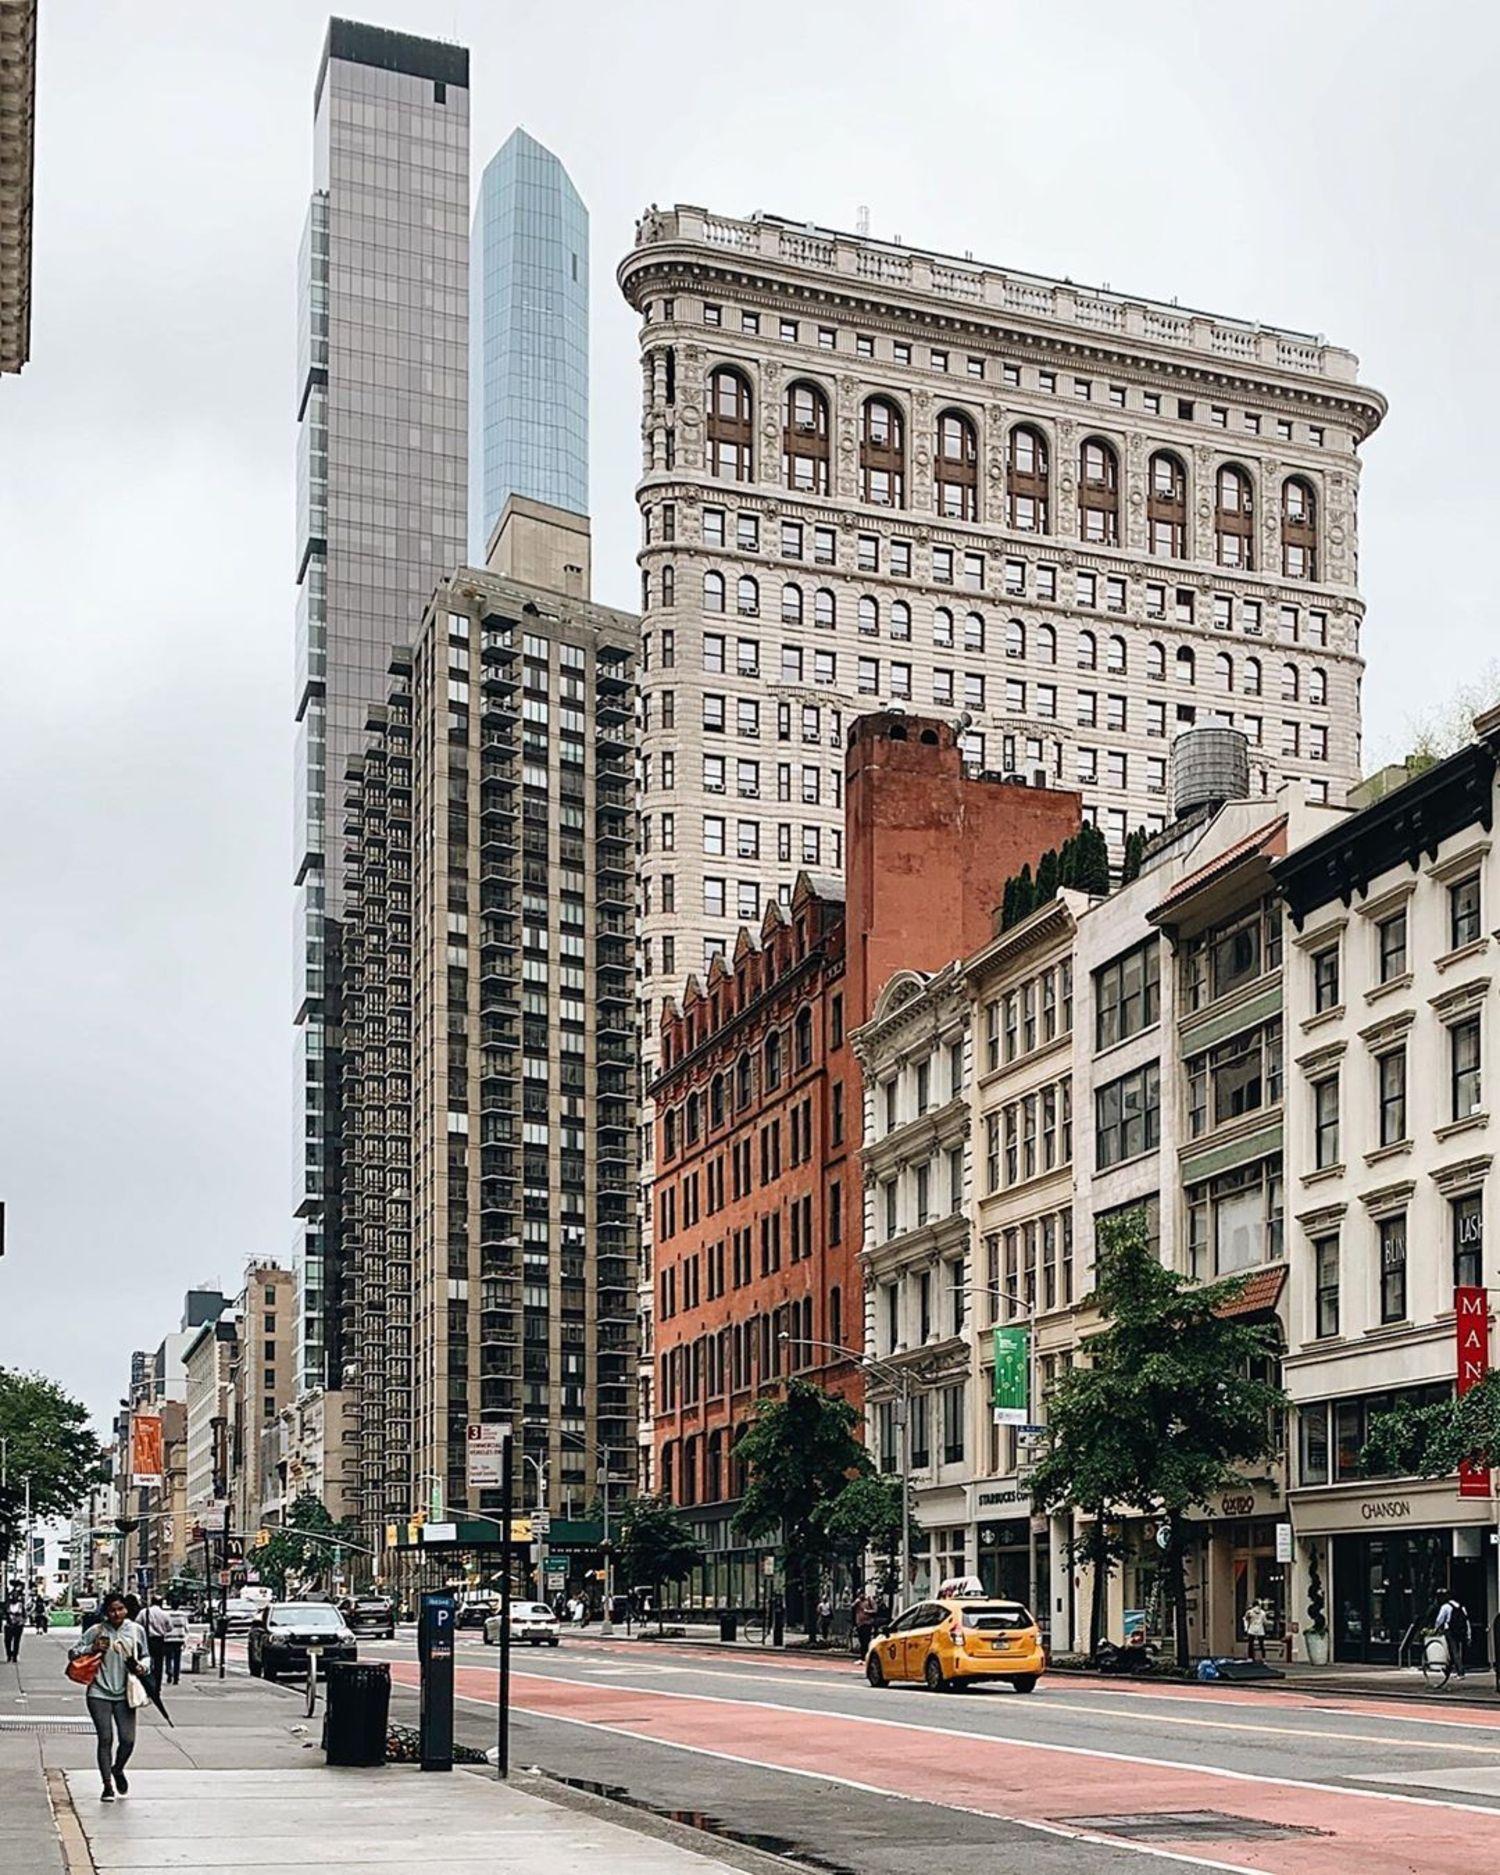 Flatiron Building, 23rd Street, Manhattan